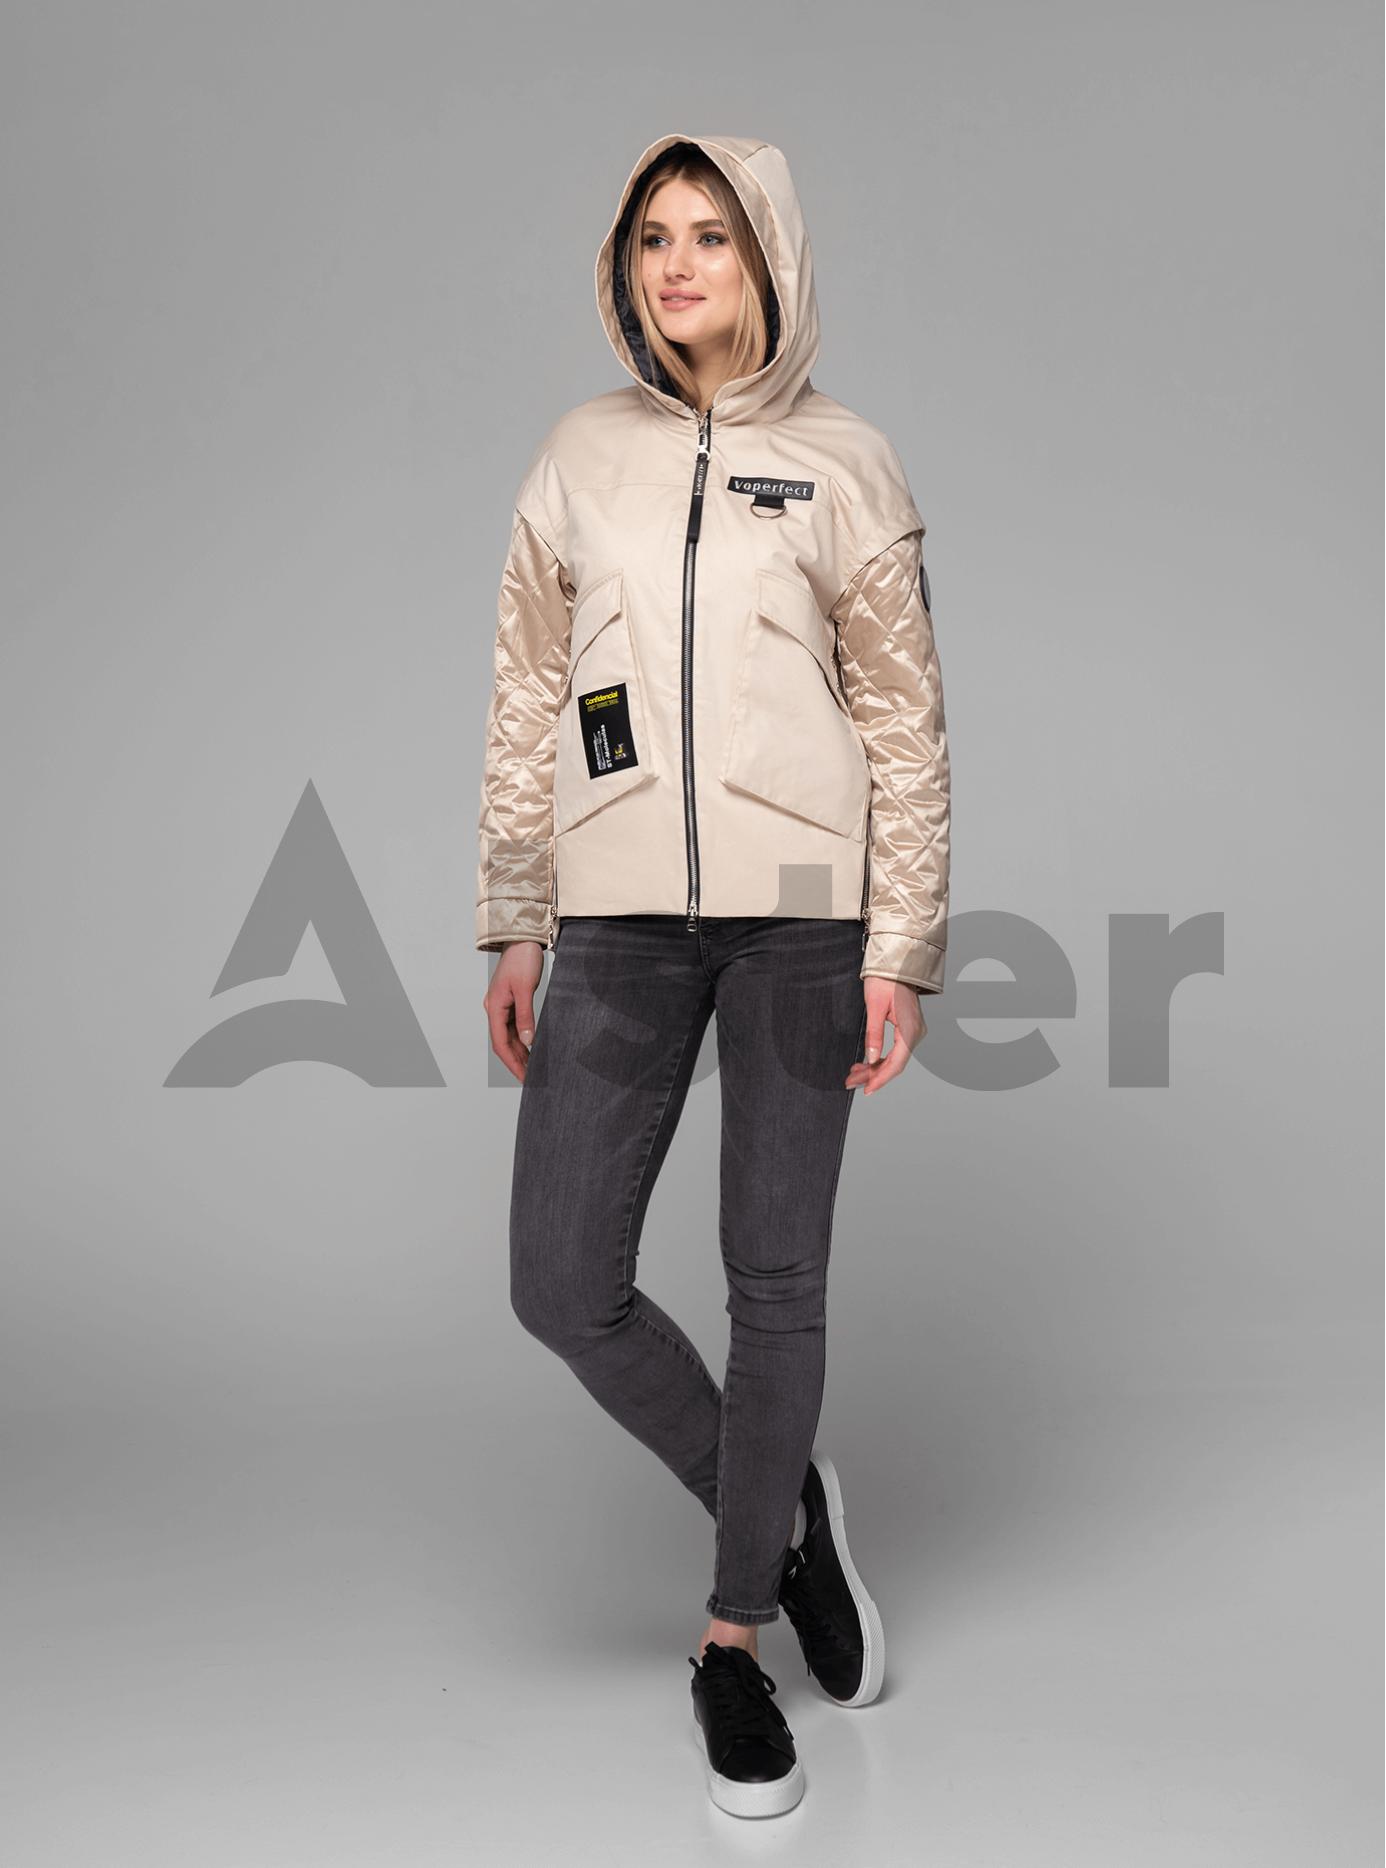 Куртка демисезонная короткая на молнии Бежевый XL (02-V191053): фото - Alster.ua